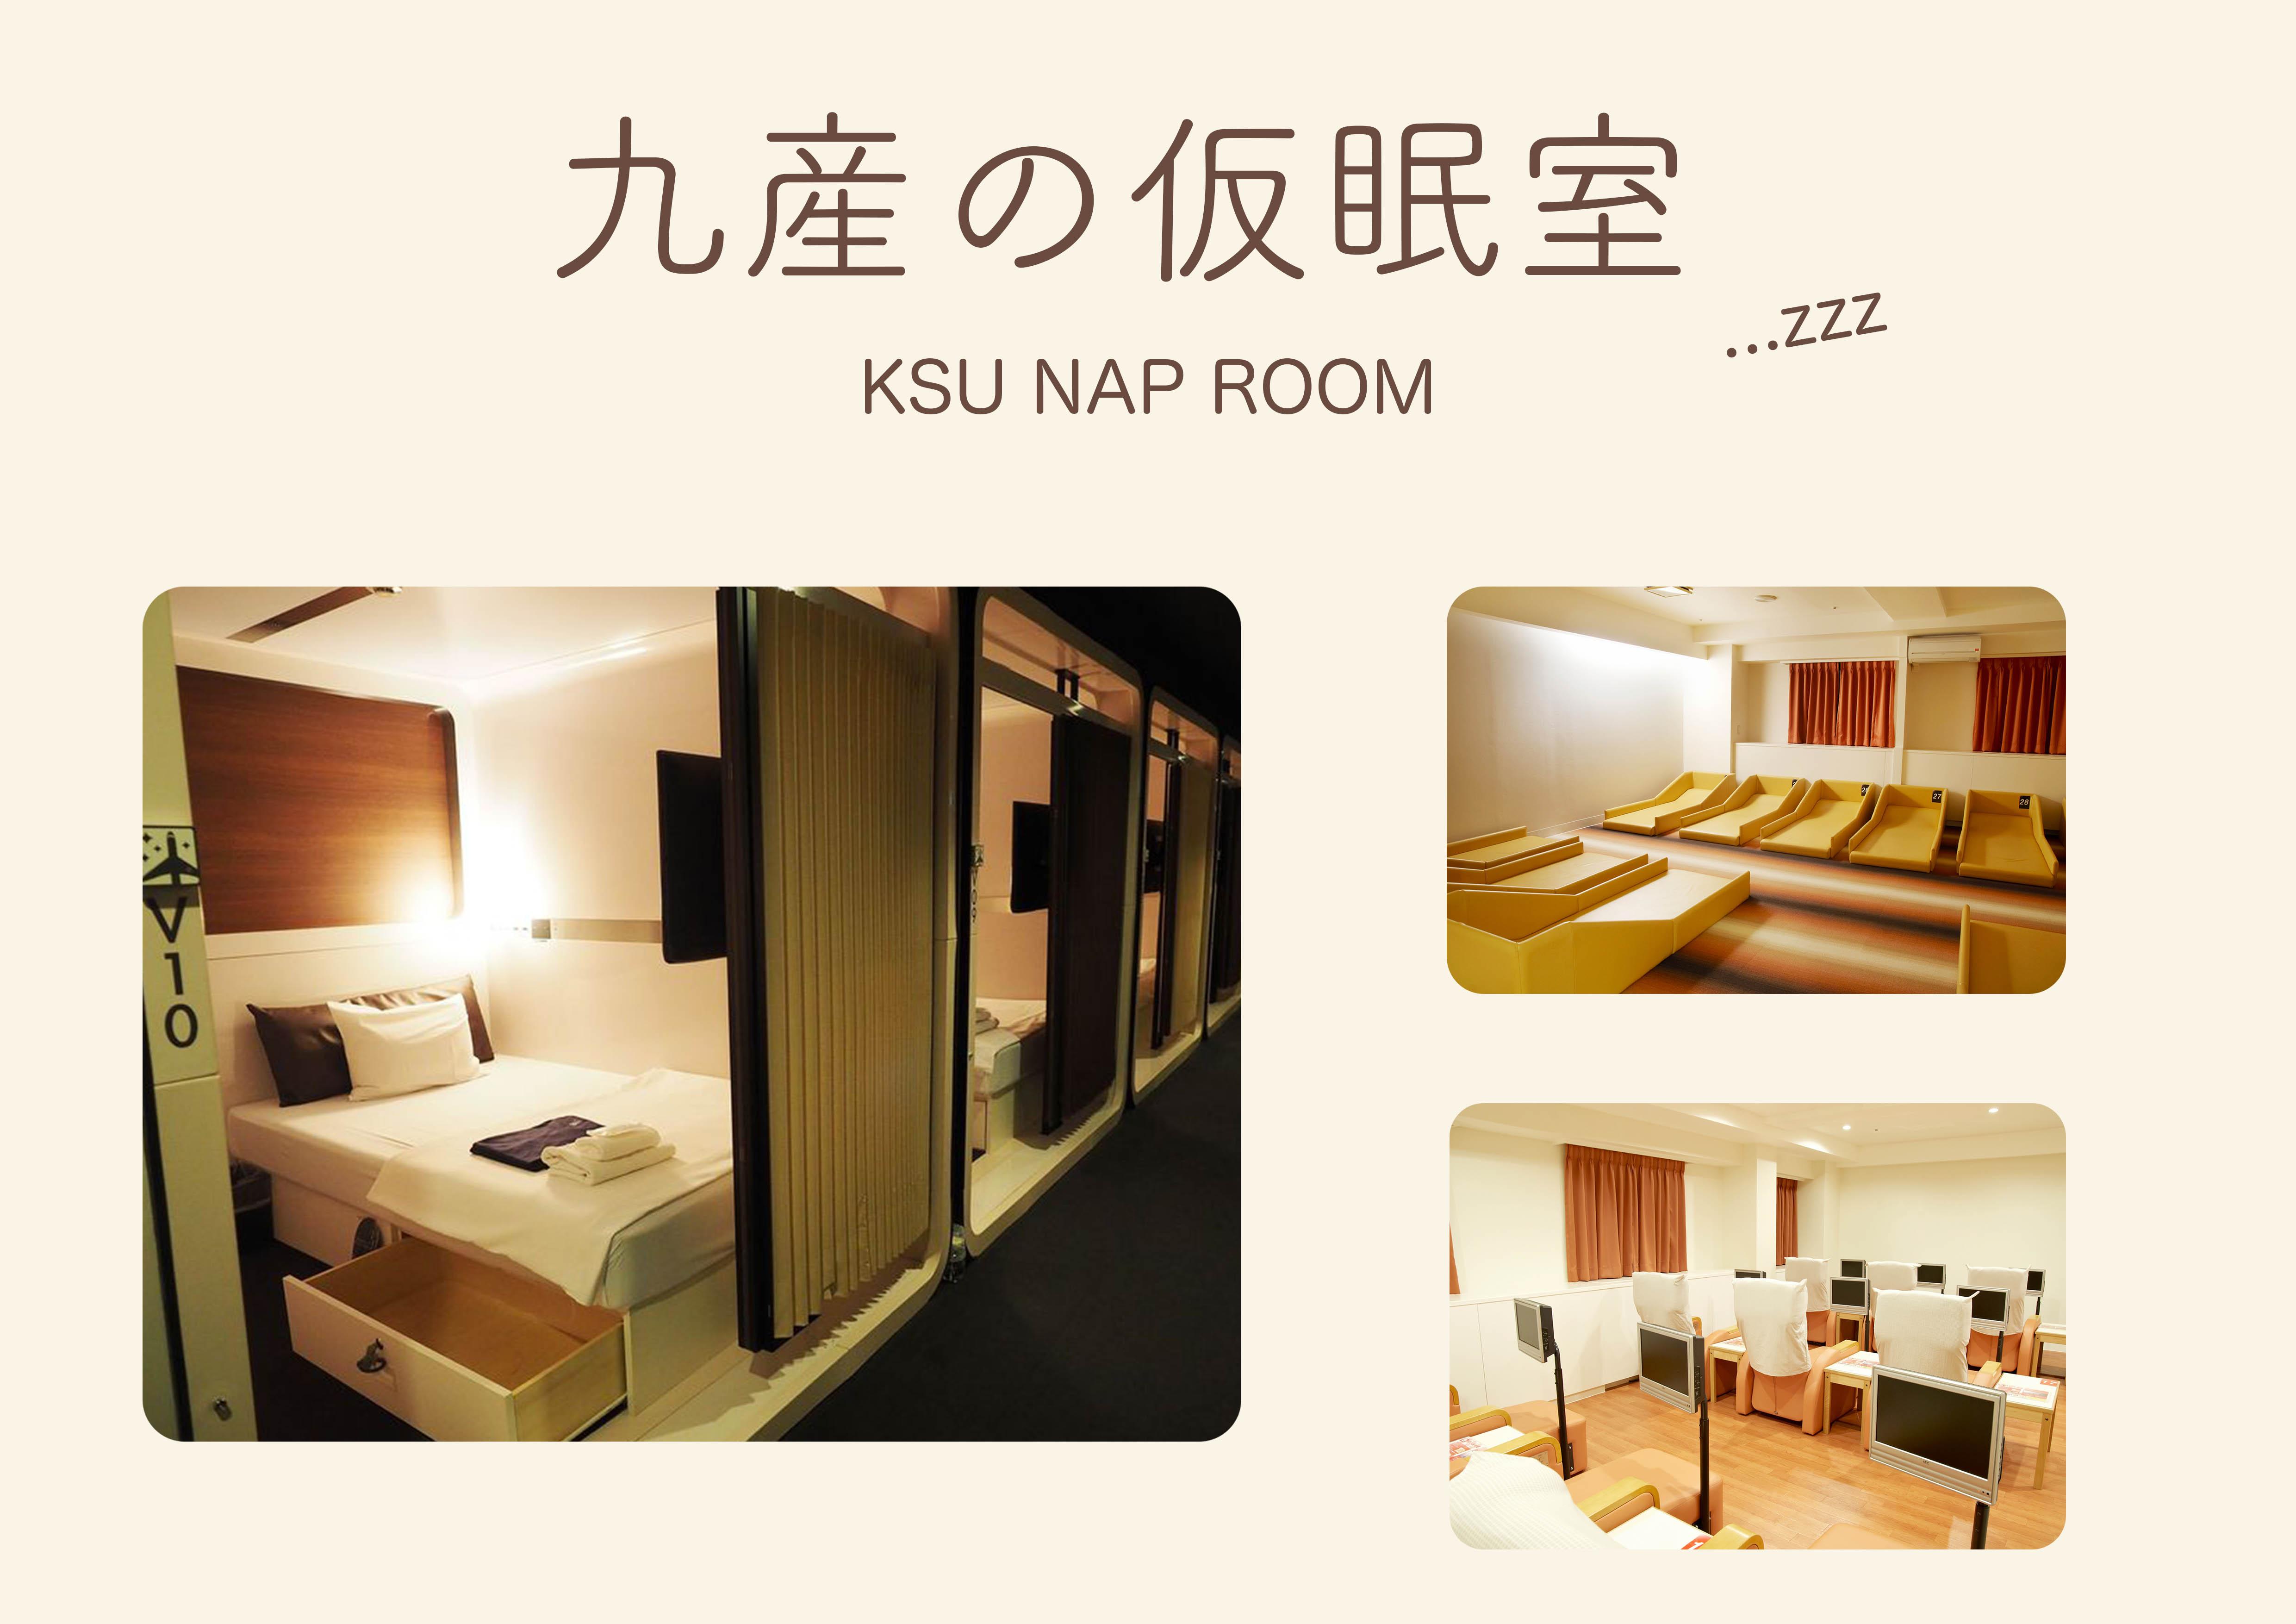 九産の仮眠室.jpg